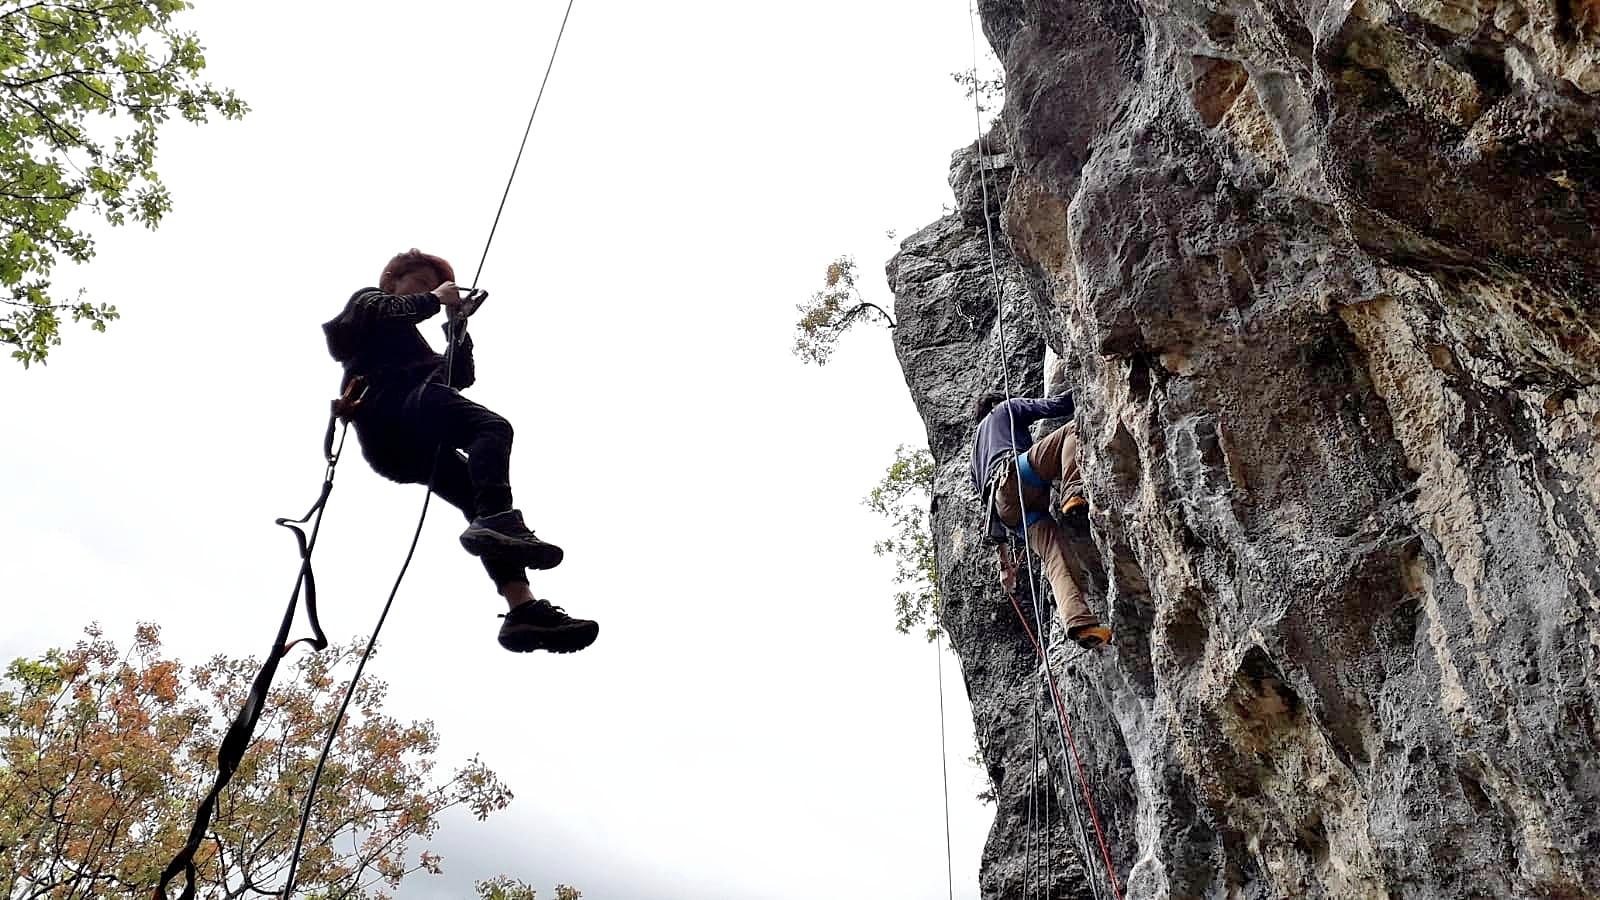 Photo of La falesia di Morro Reatino, l'arrampicata e le guide alpine nel Lazio